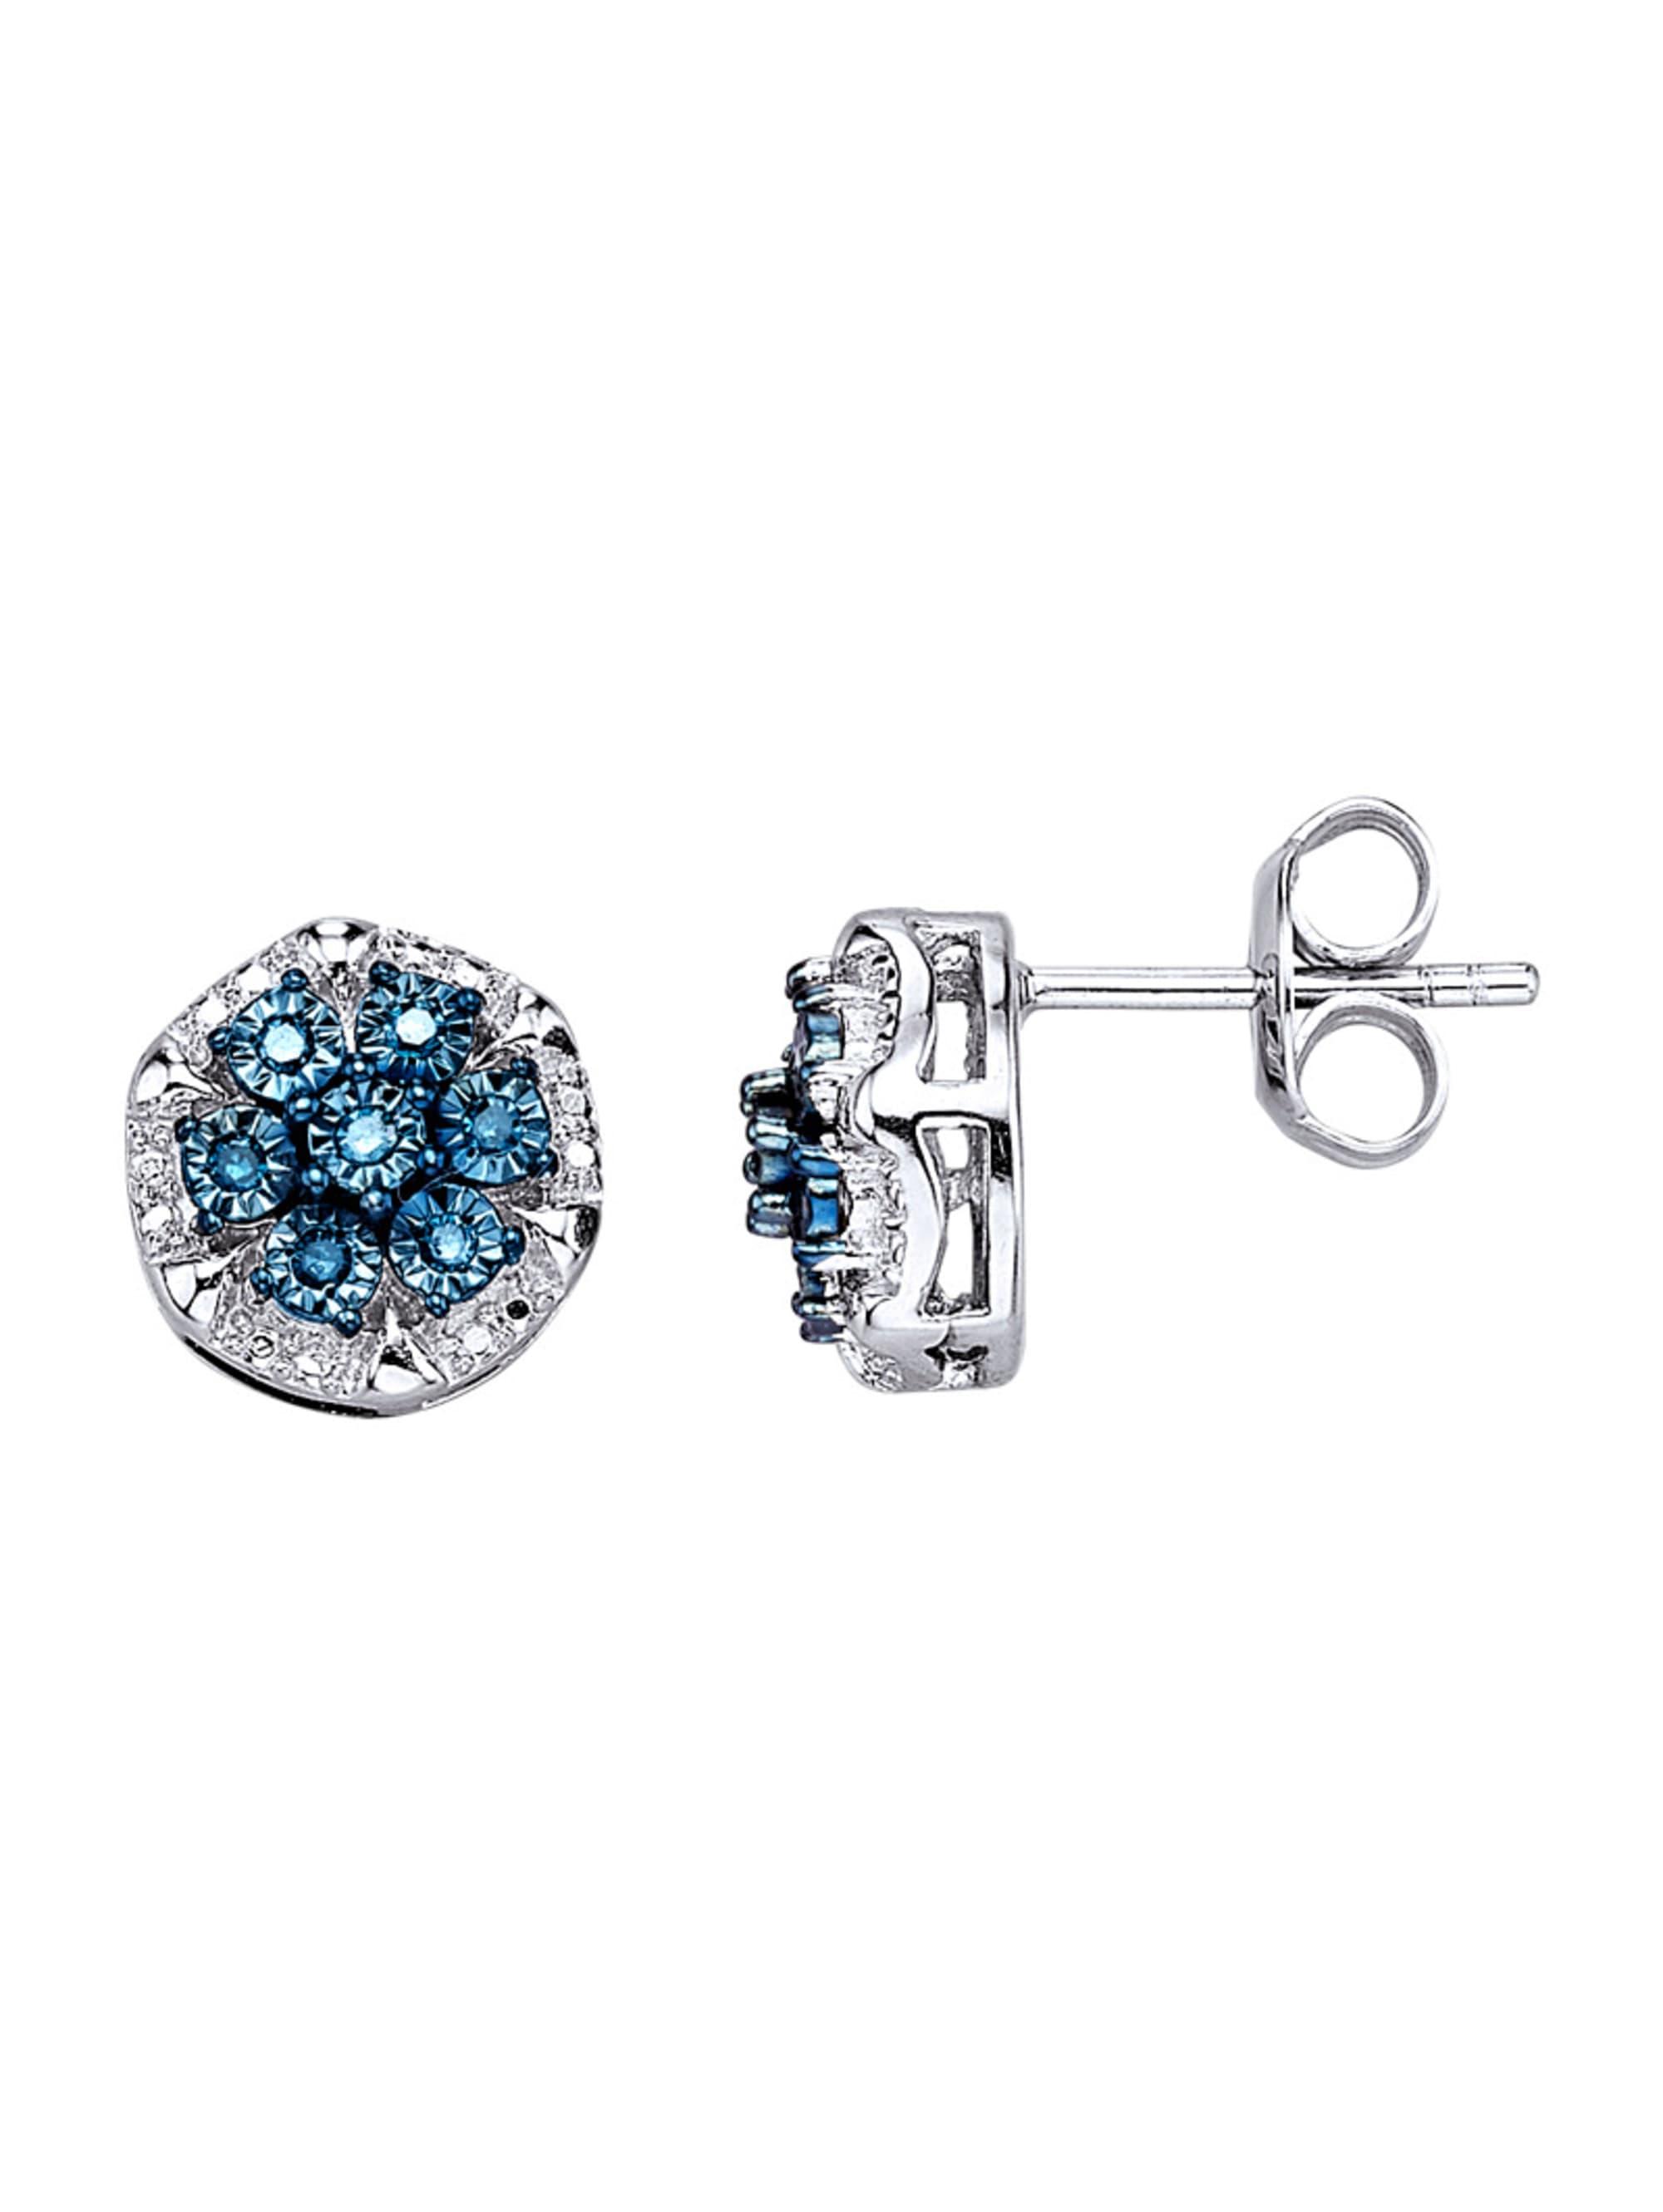 Diemer Silber Ohrstecker mit blauen Diamanten L6zsj